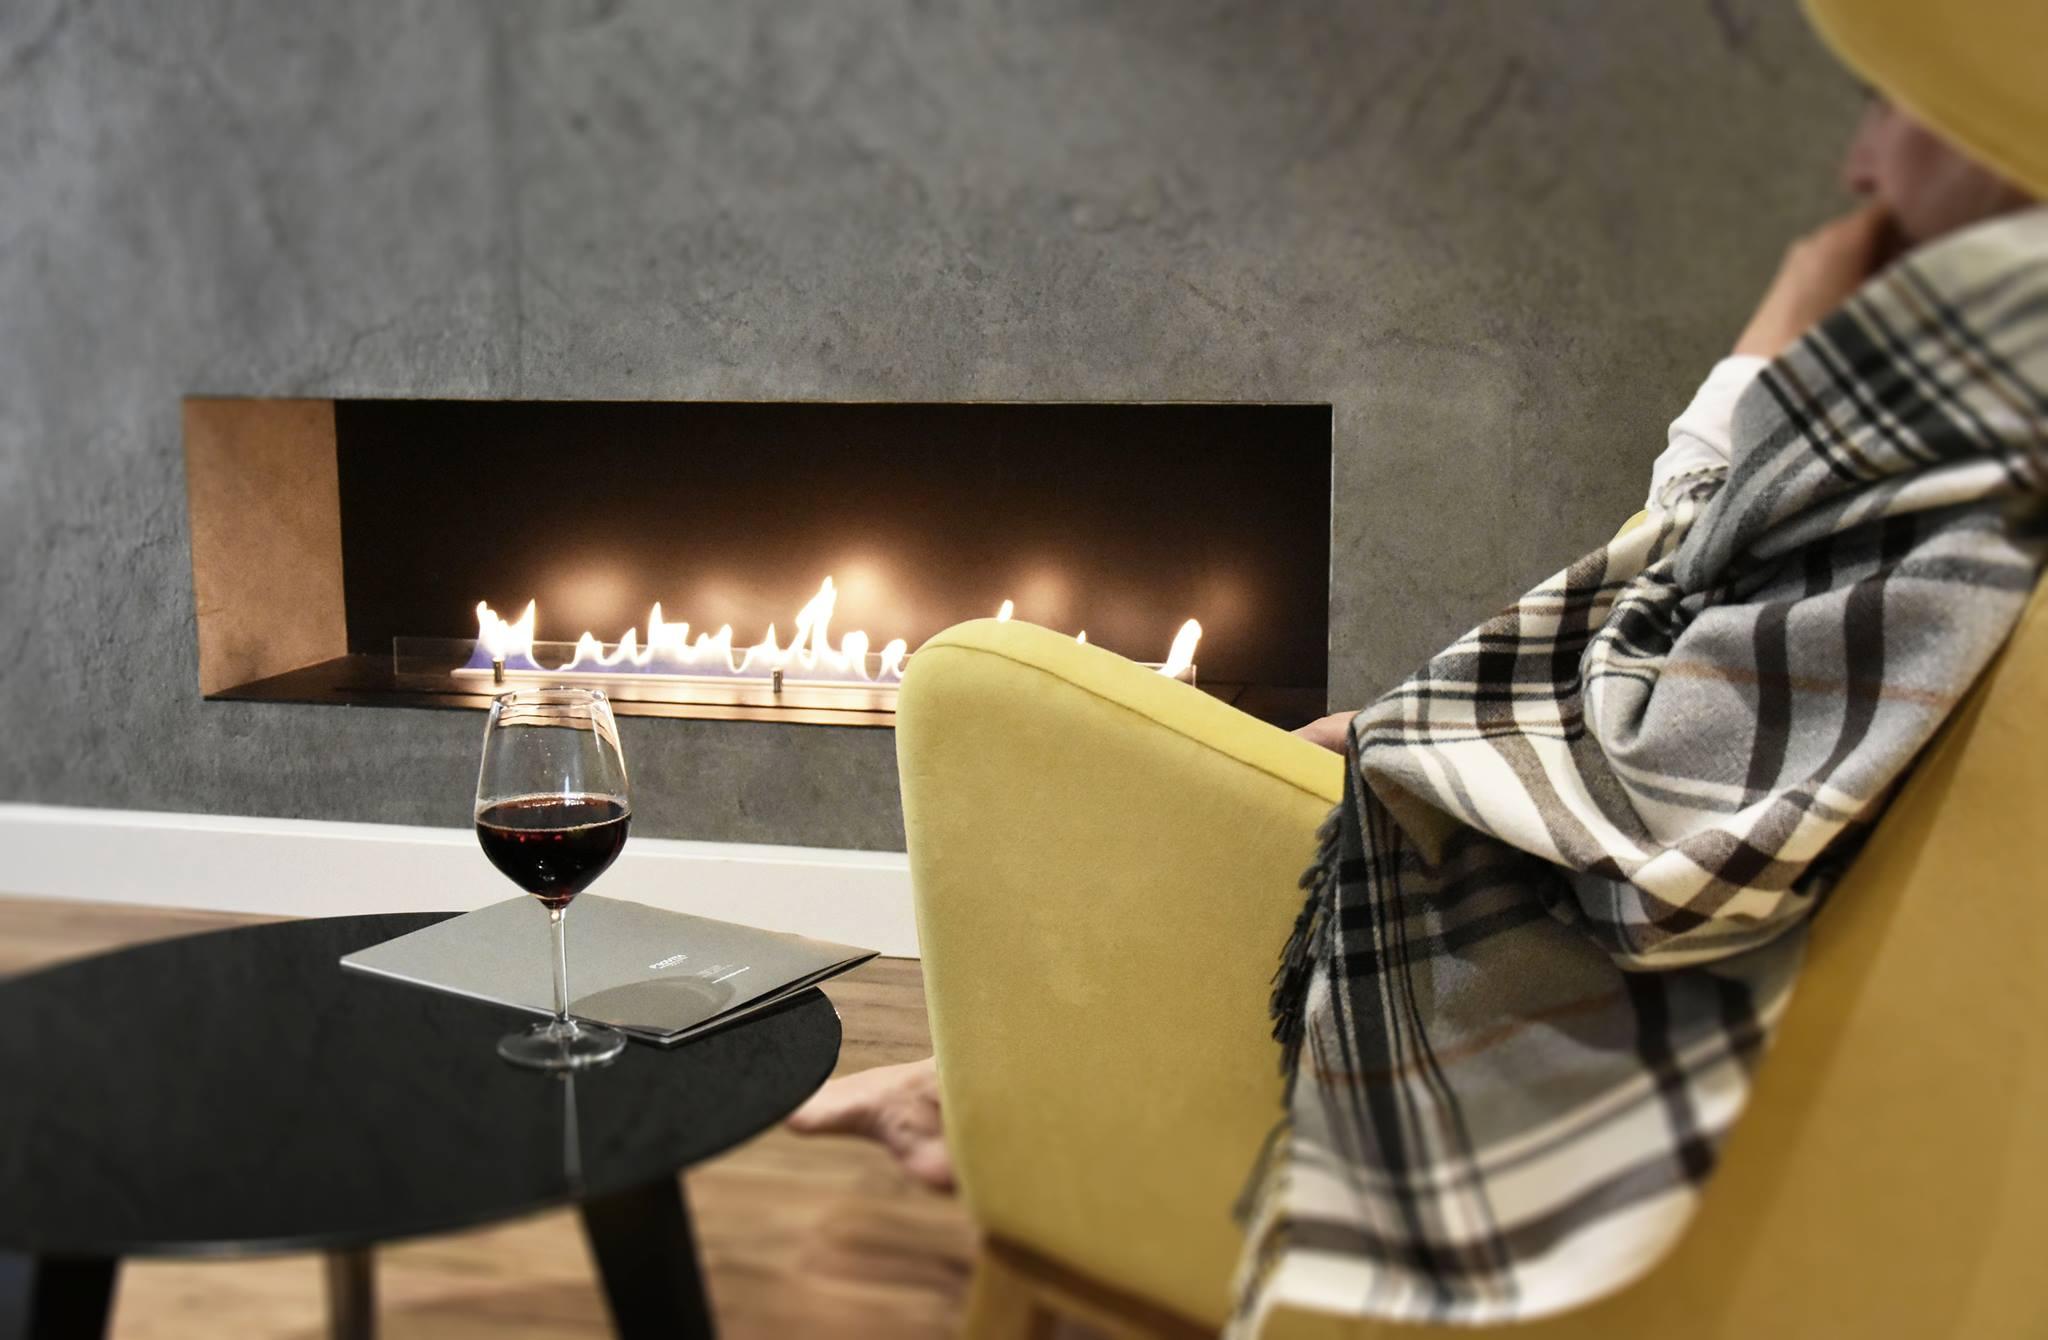 Fire-Line-Automatic-3-Planika-Hotel-Wellness-ProVita-Poland-by-Plejady-Mix.jpg